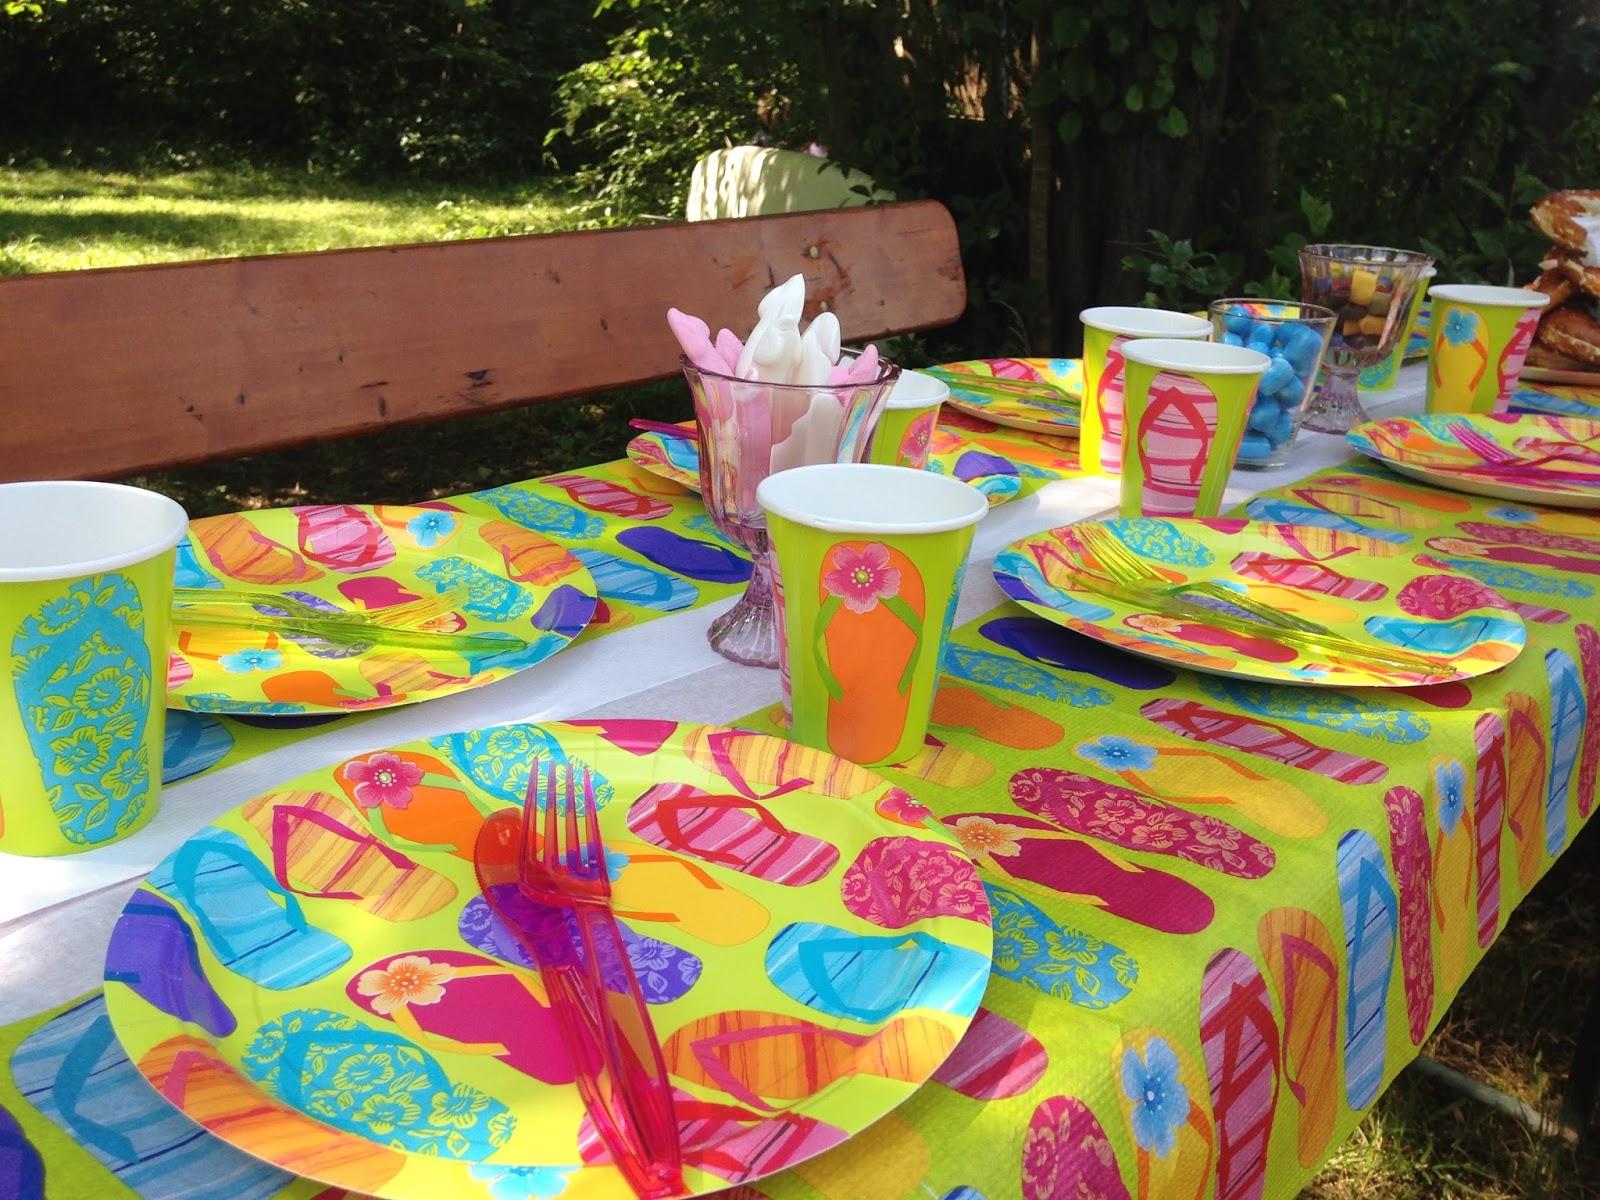 Kindergeburtstag oder doch schon teenager geburtstag for Kindergeburtstag dekoration